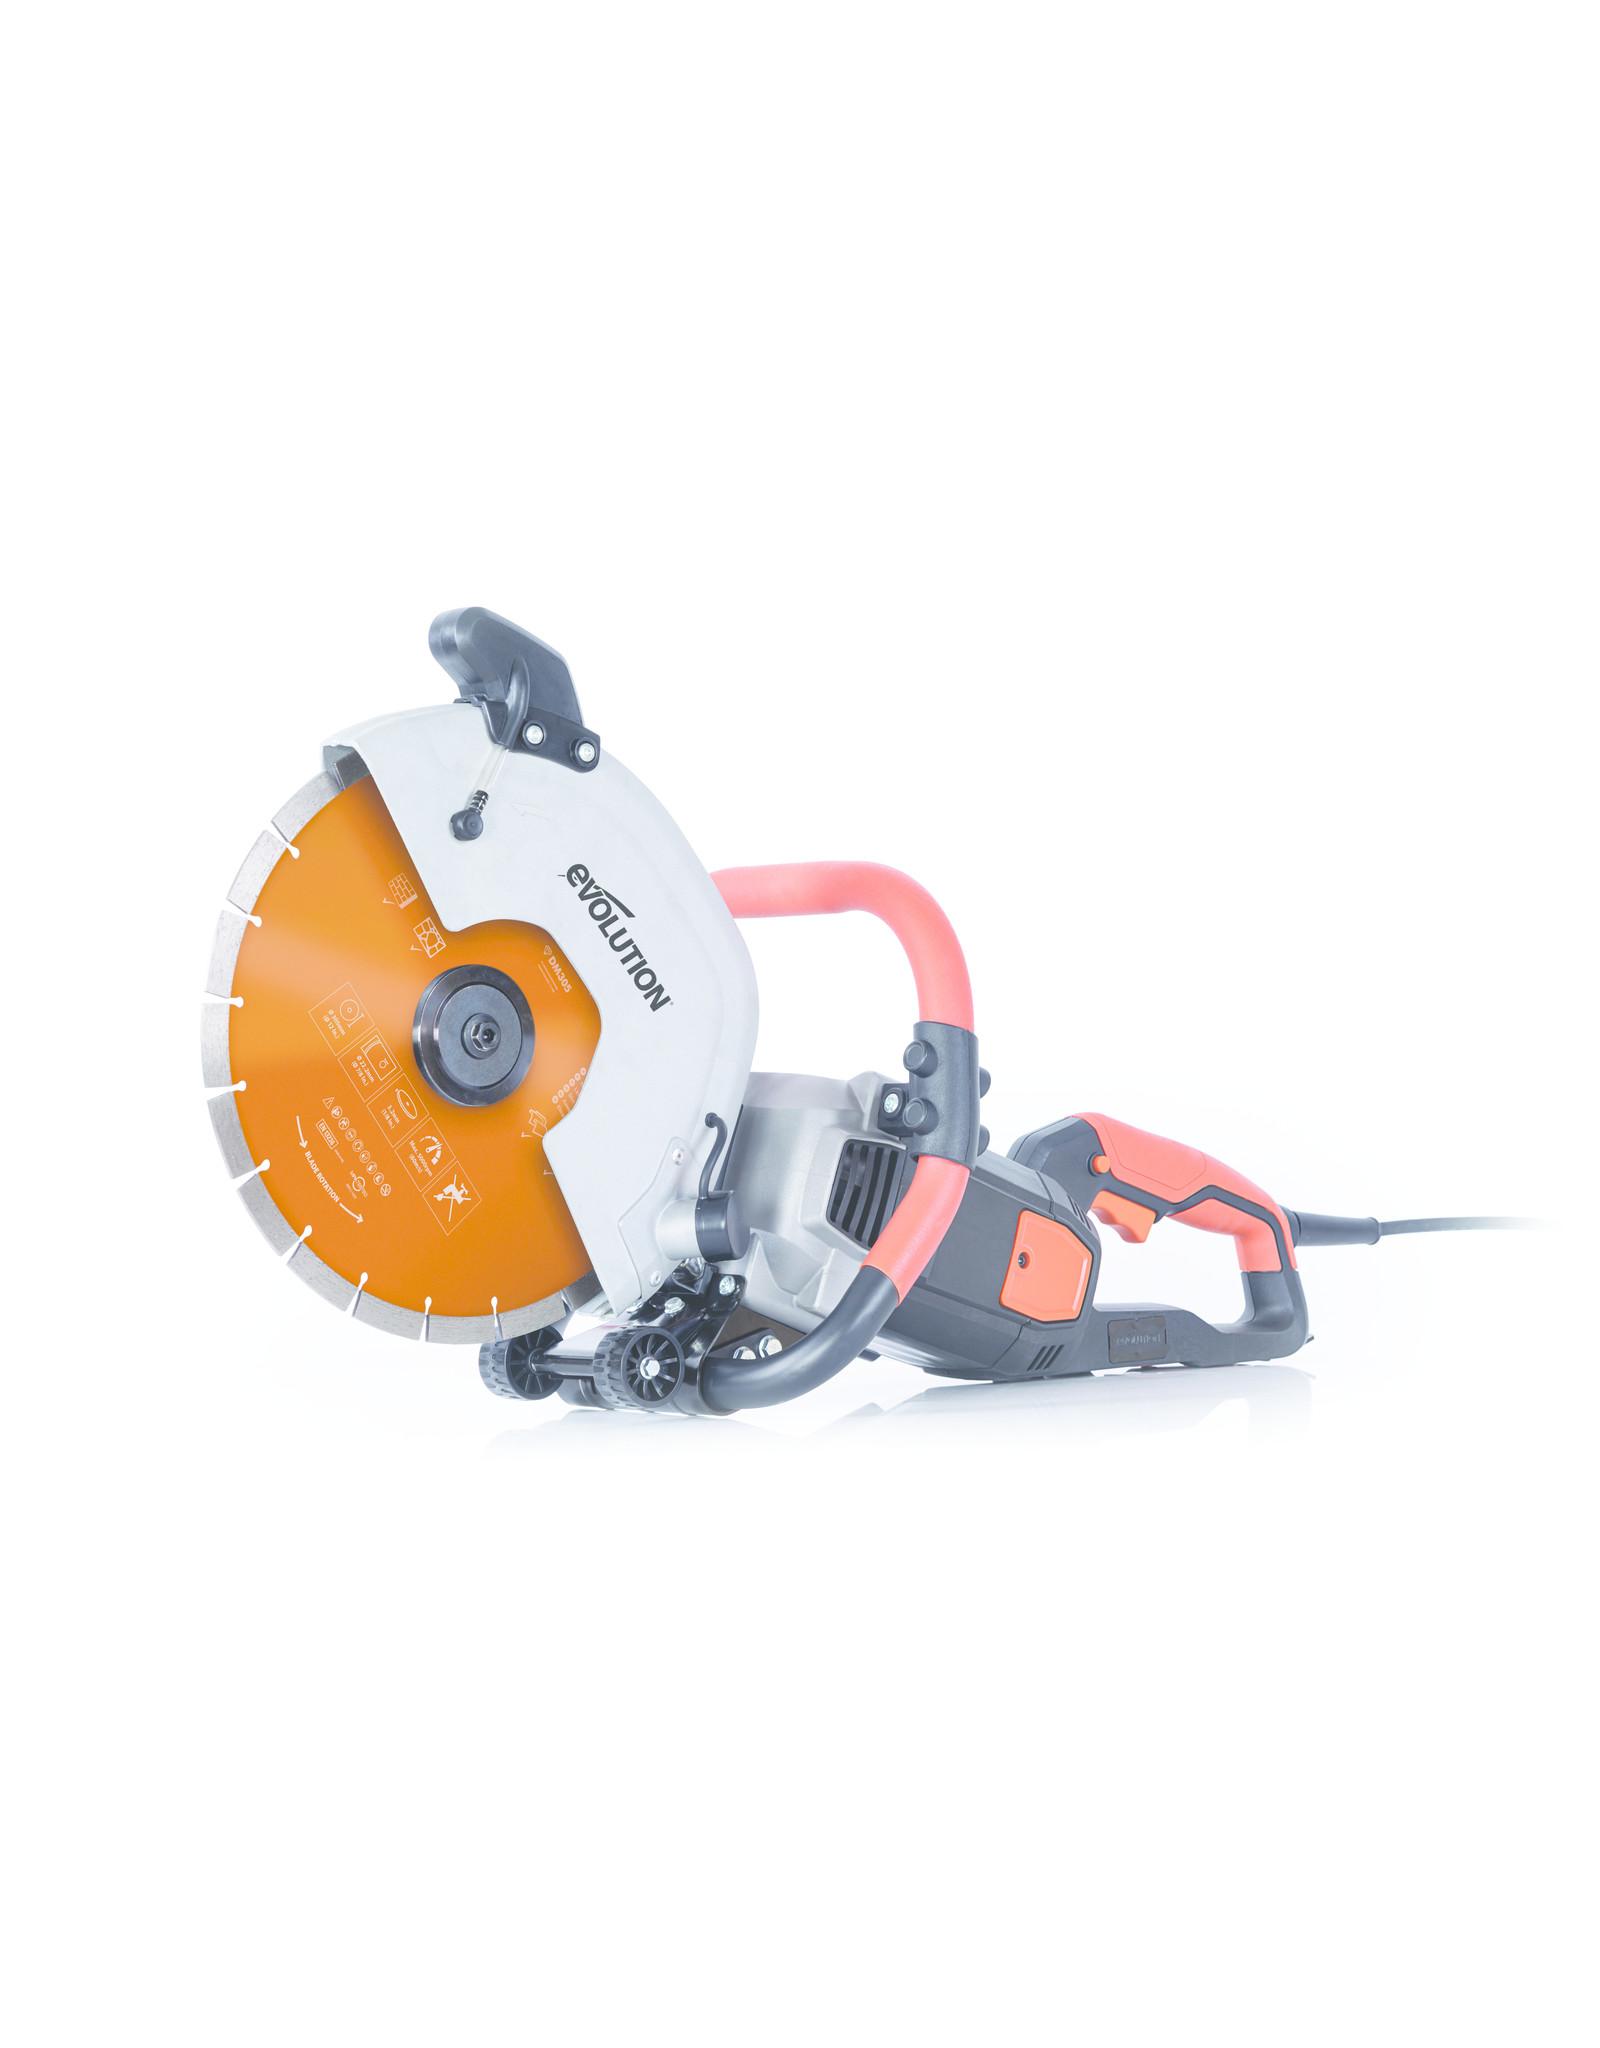 Evolution Power Tools Build Line ELEKTRISCHE SLIJPMACHINE R300DCT+